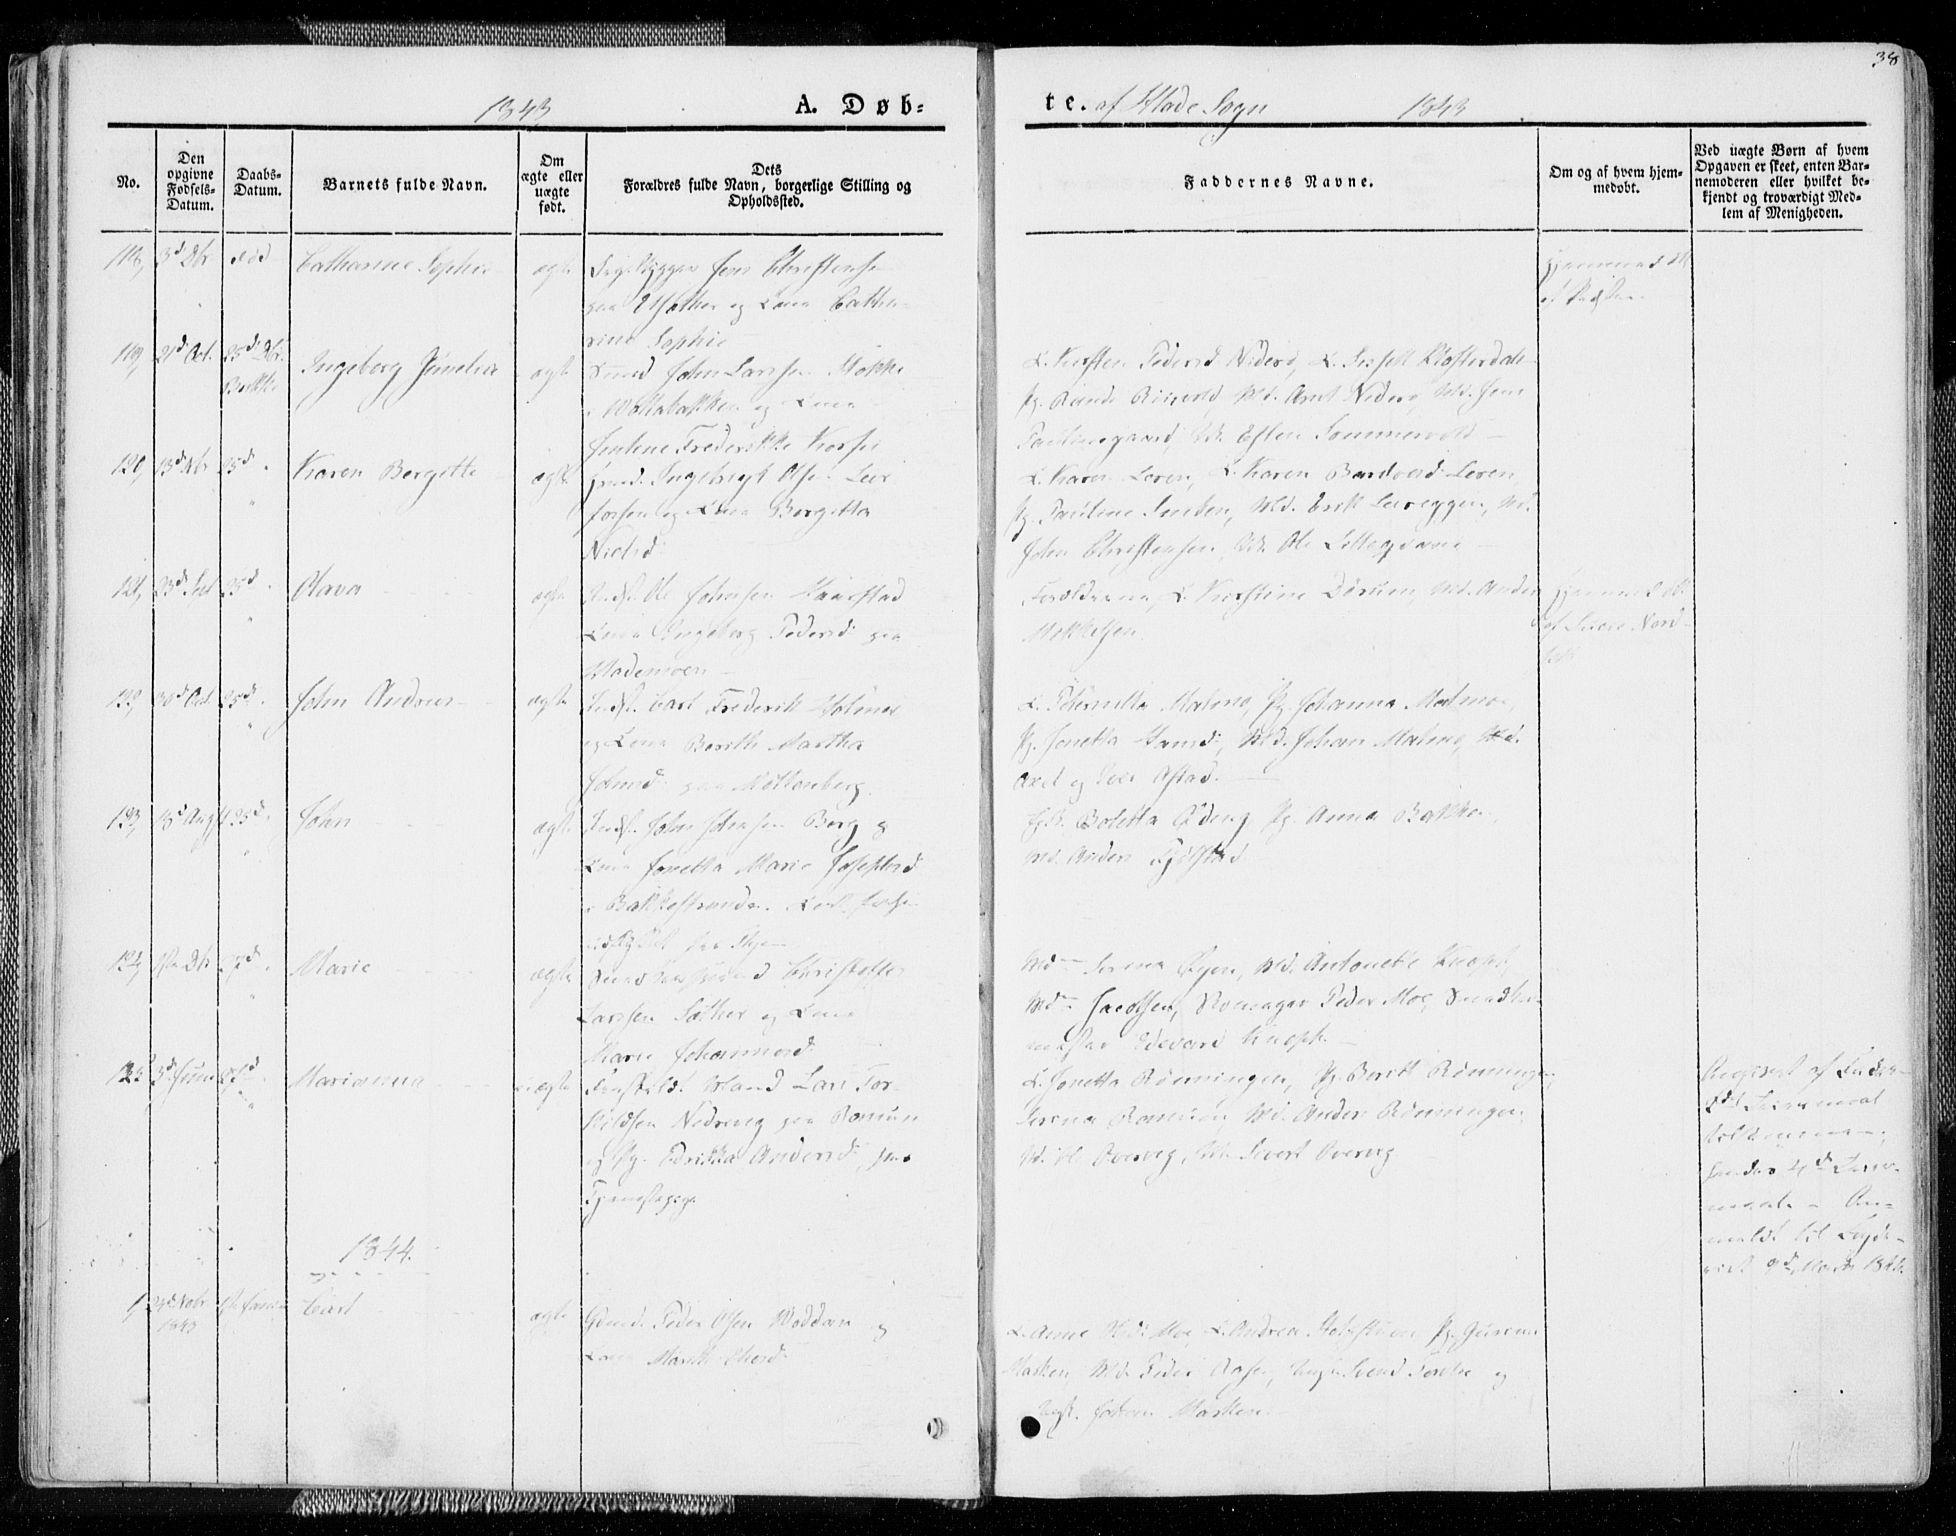 SAT, Ministerialprotokoller, klokkerbøker og fødselsregistre - Sør-Trøndelag, 606/L0290: Ministerialbok nr. 606A05, 1841-1847, s. 38